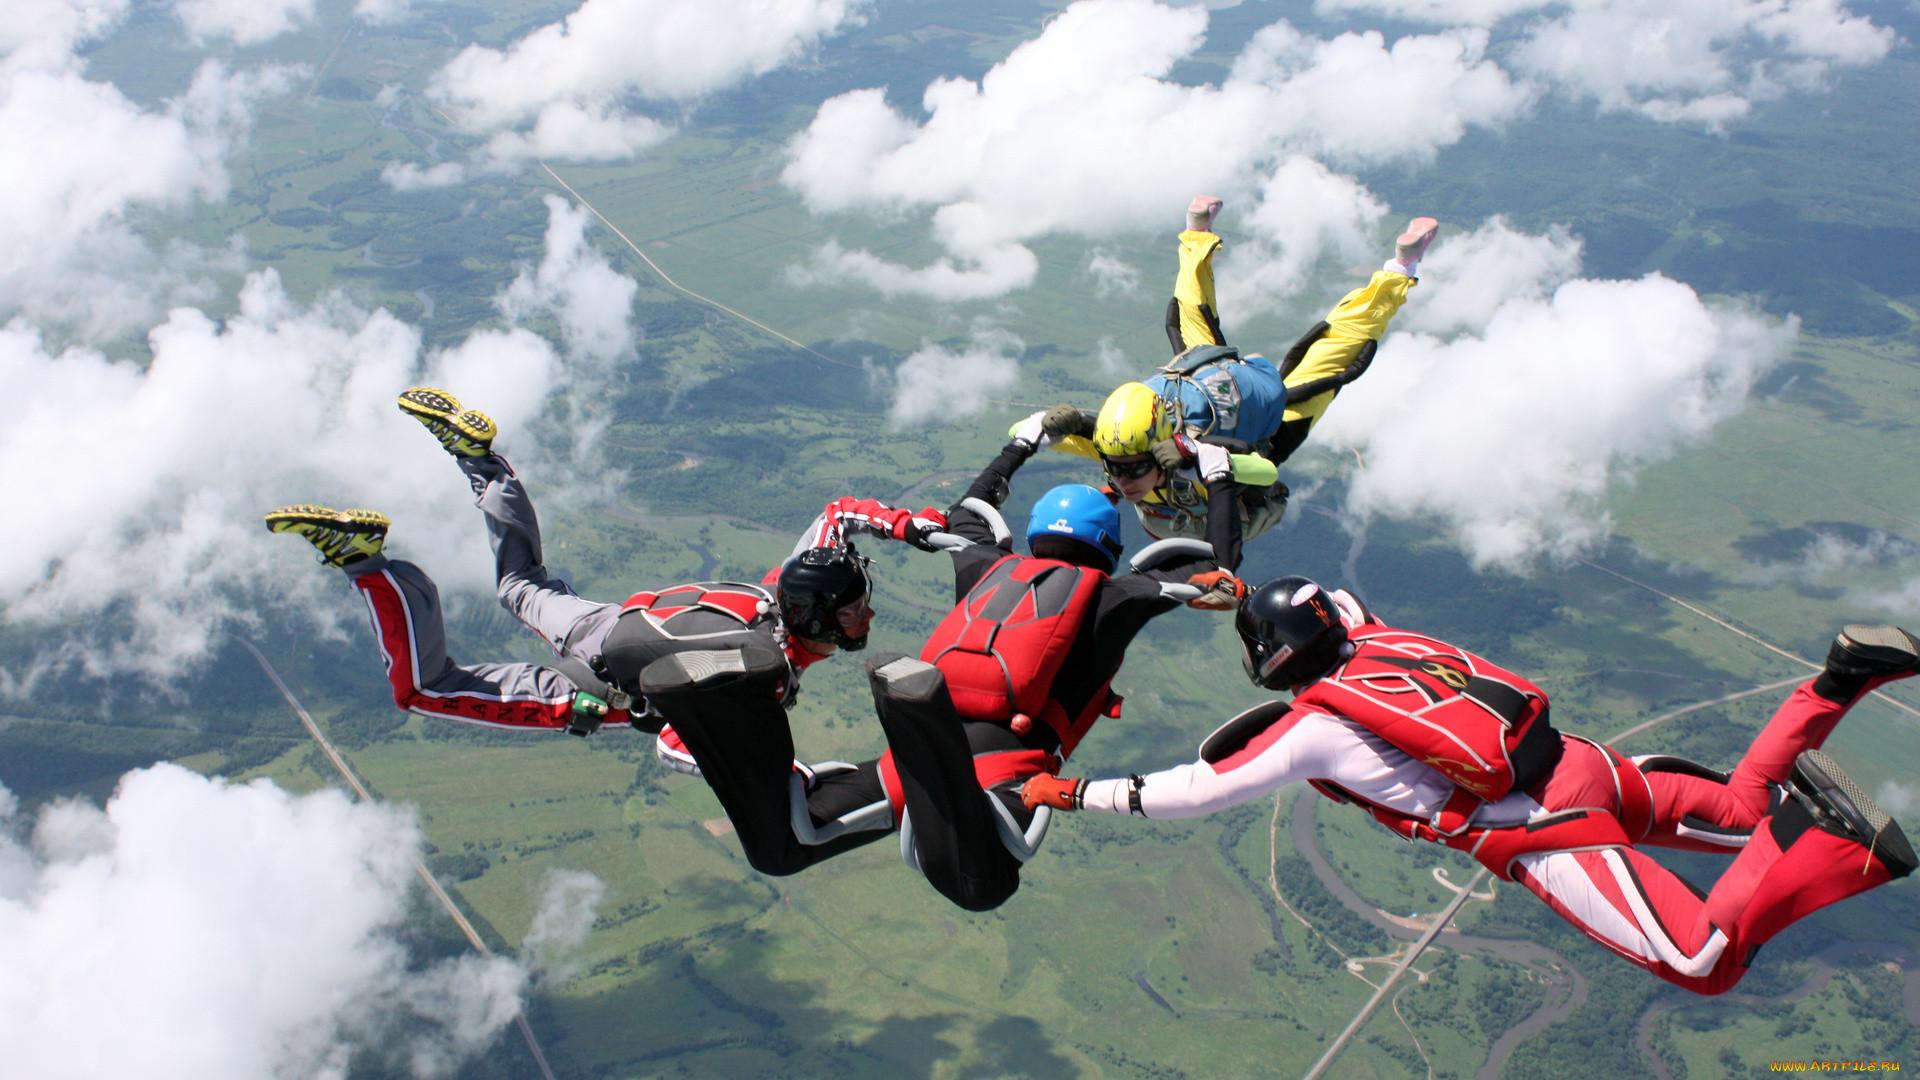 Картинки на тему парашютный спорт